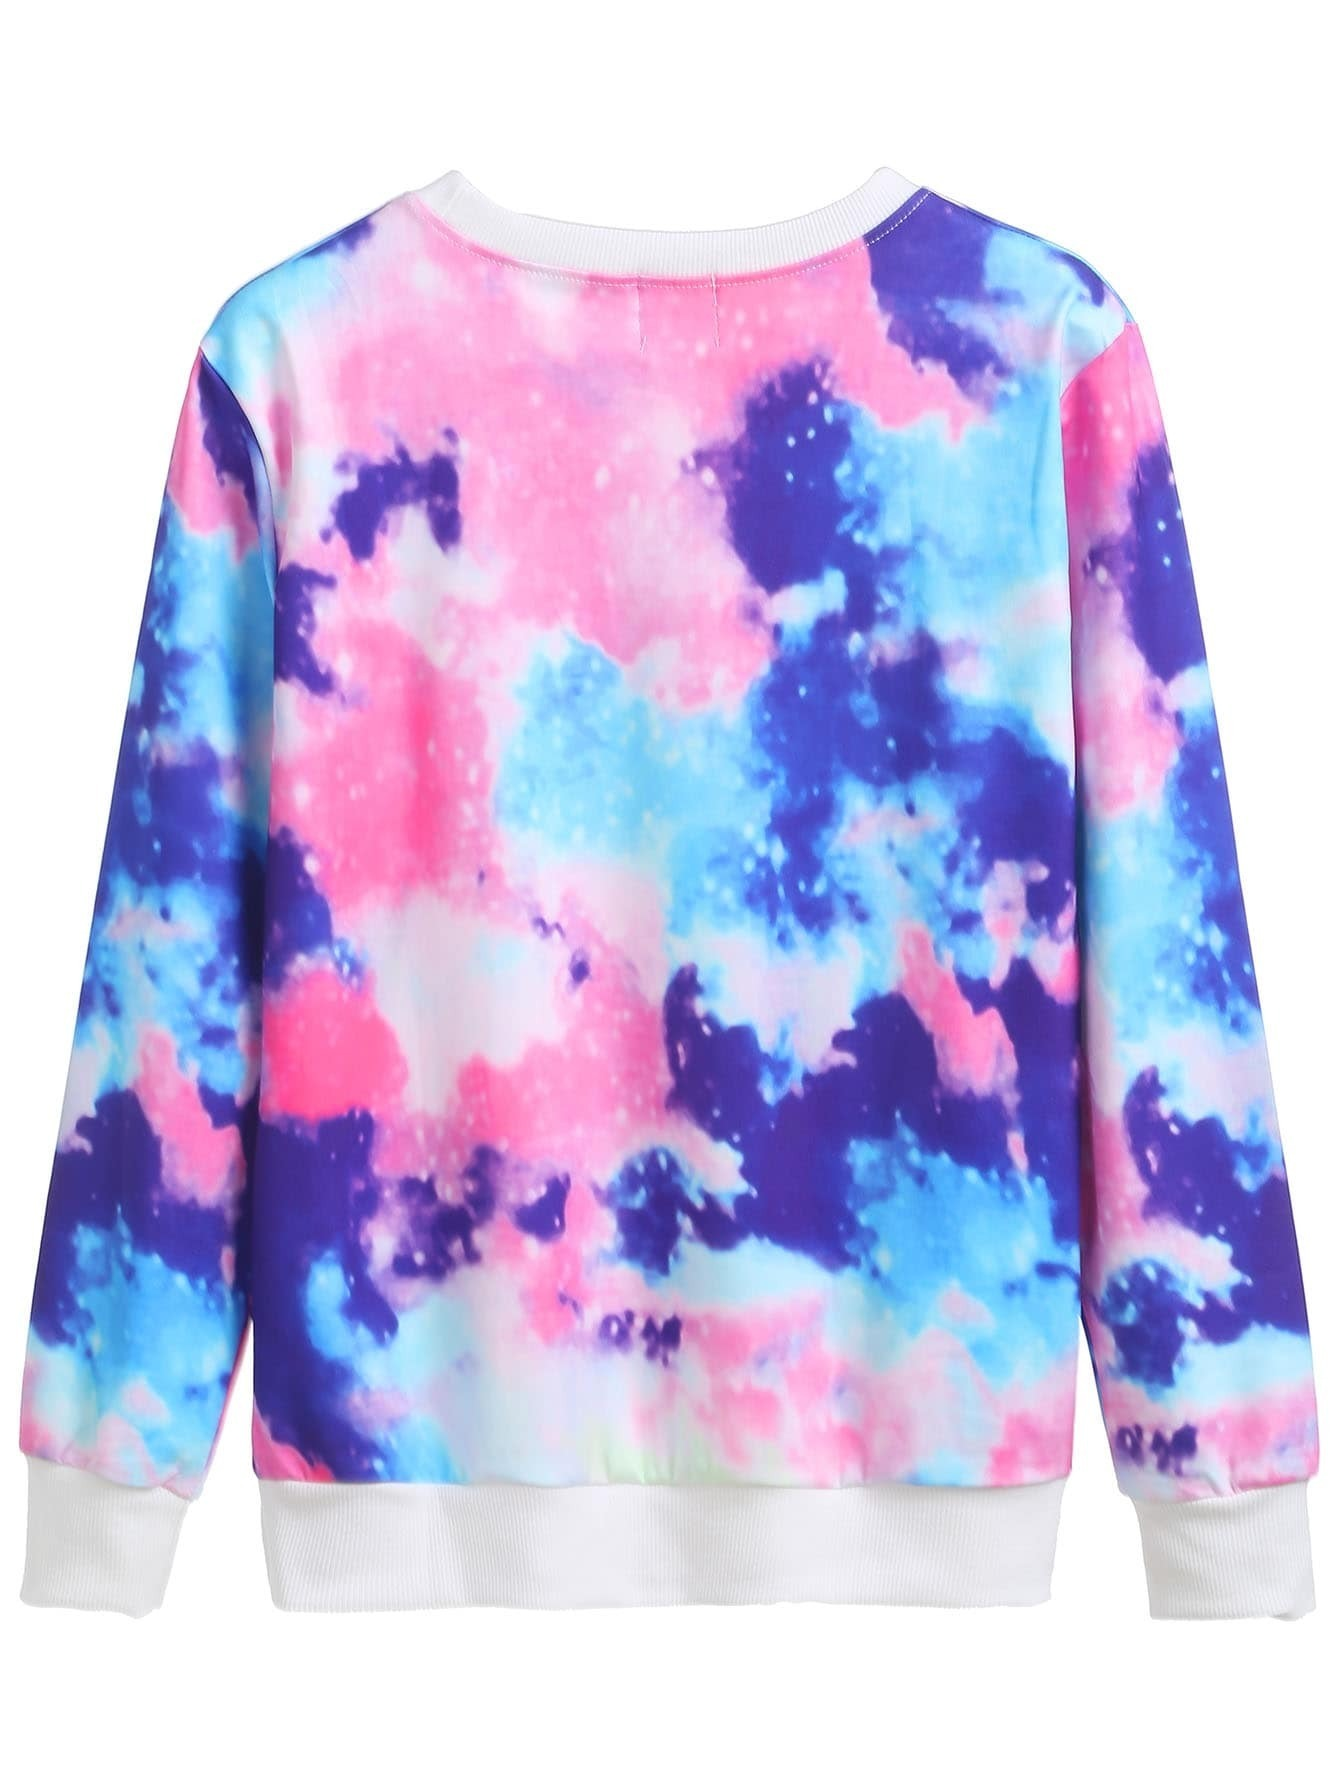 sweatshirt160901002_2